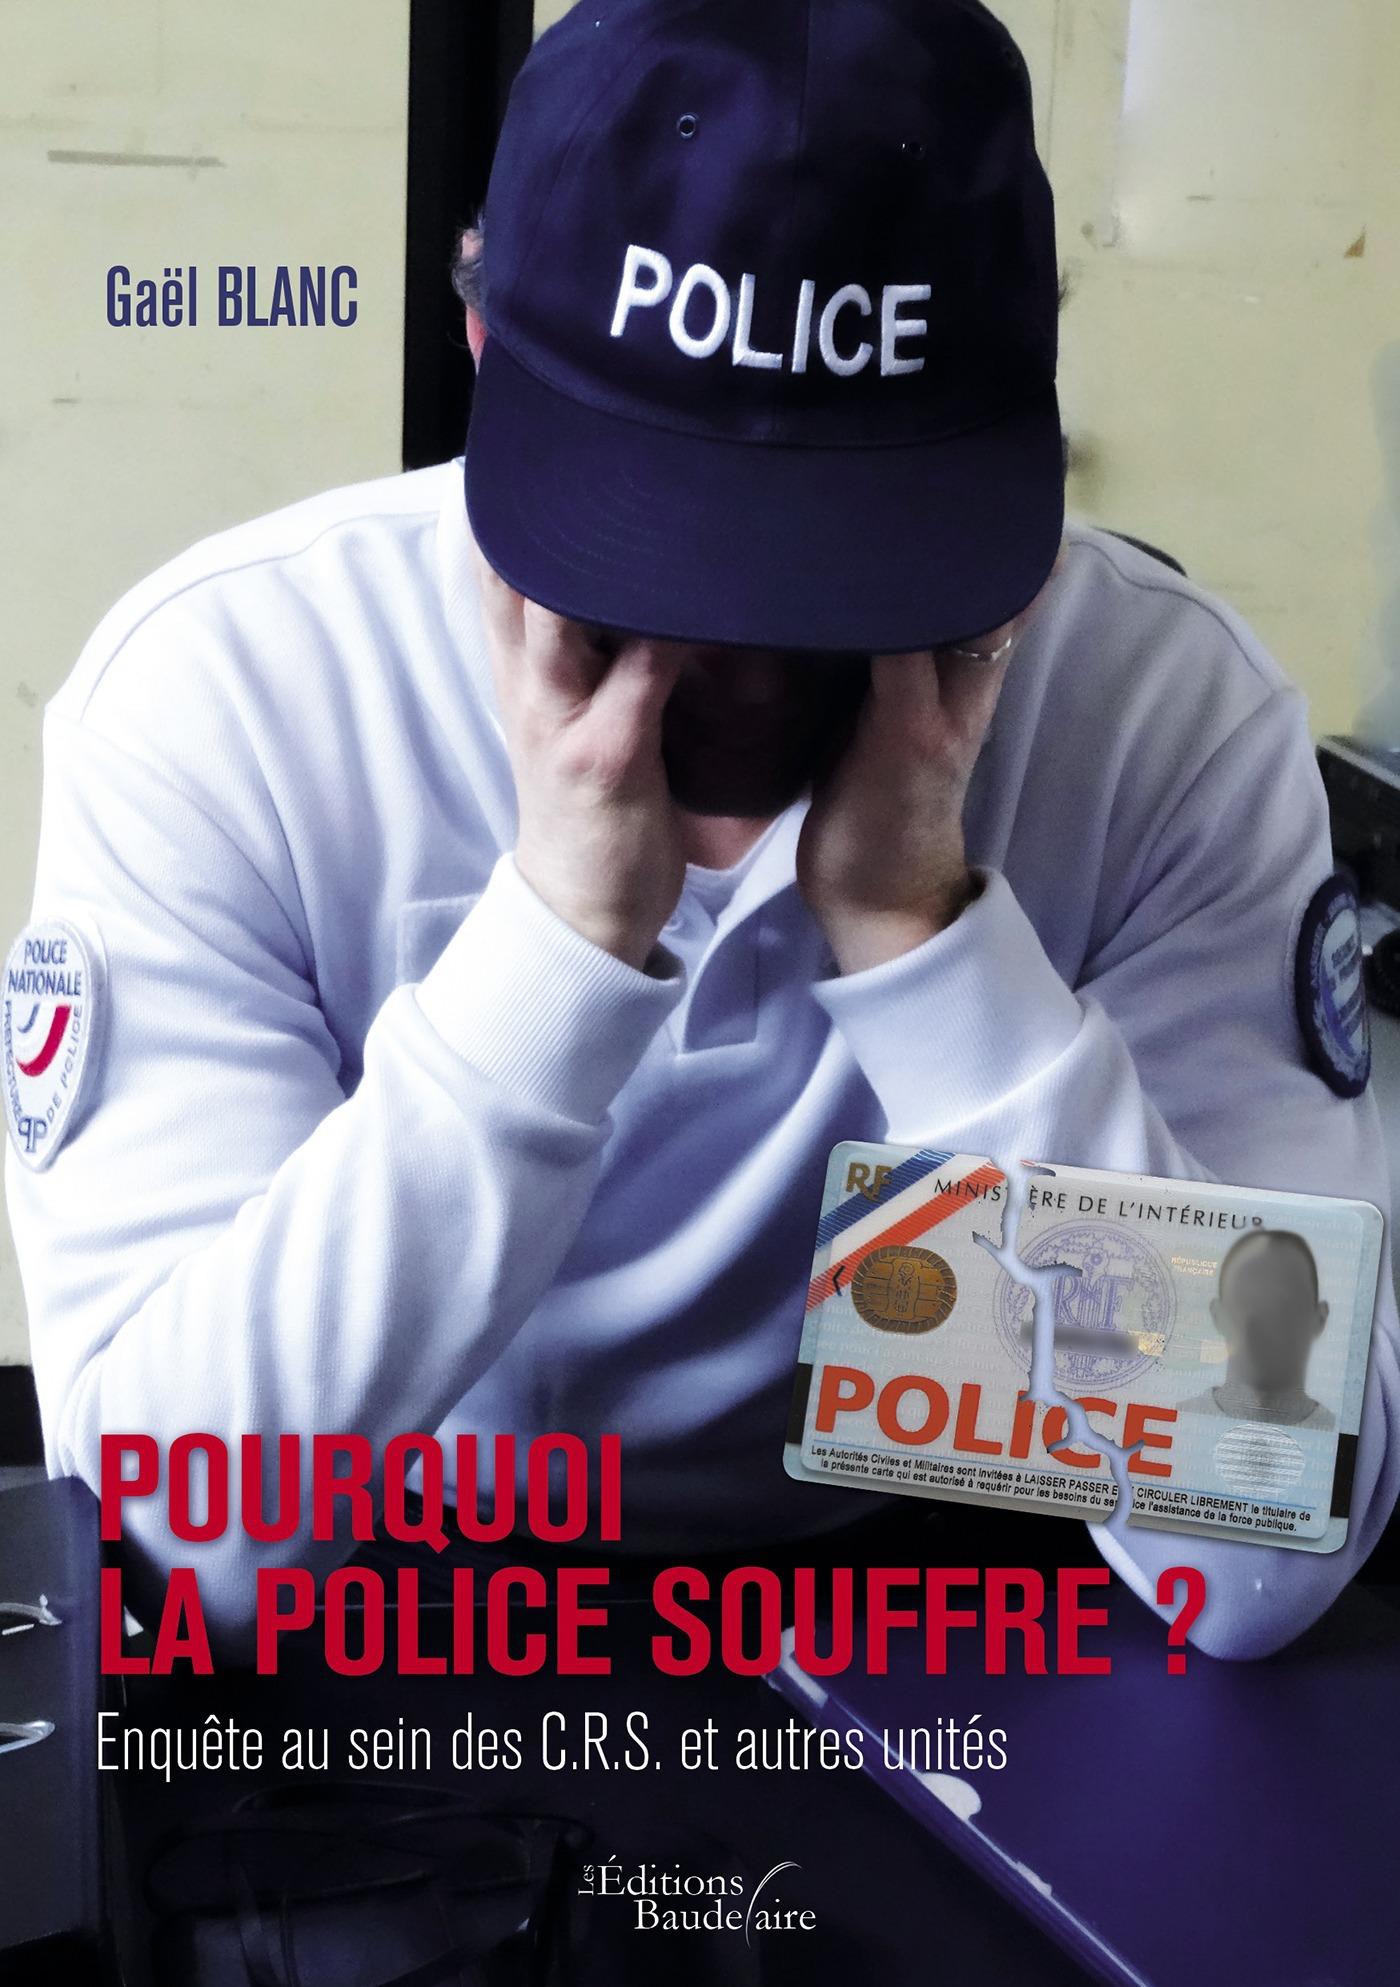 Pourquoi la police souffre ? enquête au sein des C.R.S. et autres unités